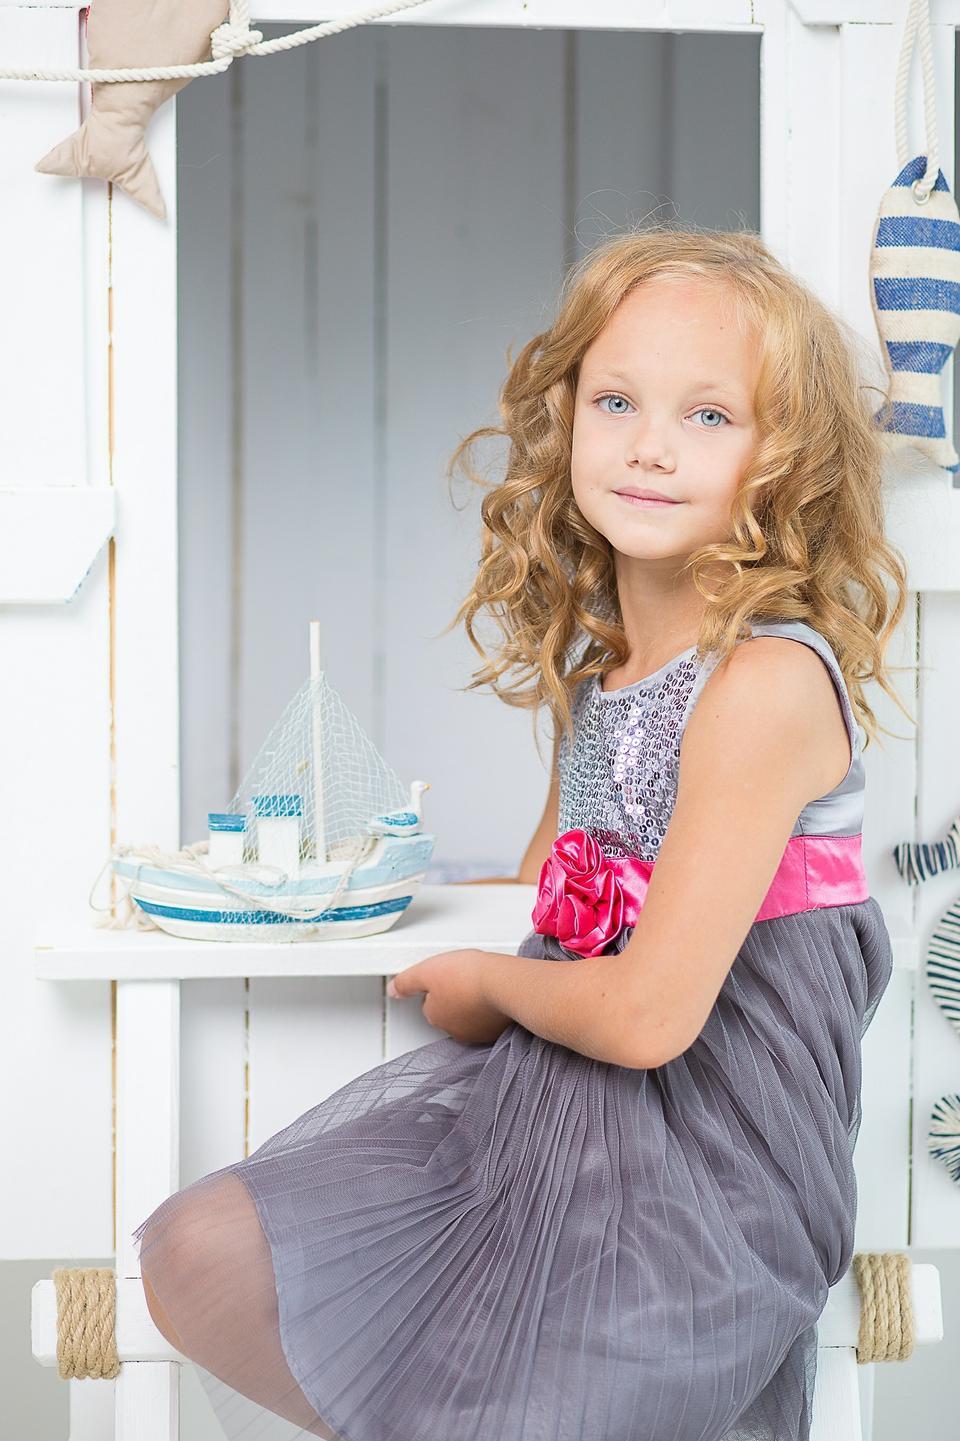 一个可爱的小女孩坐在梳妆台